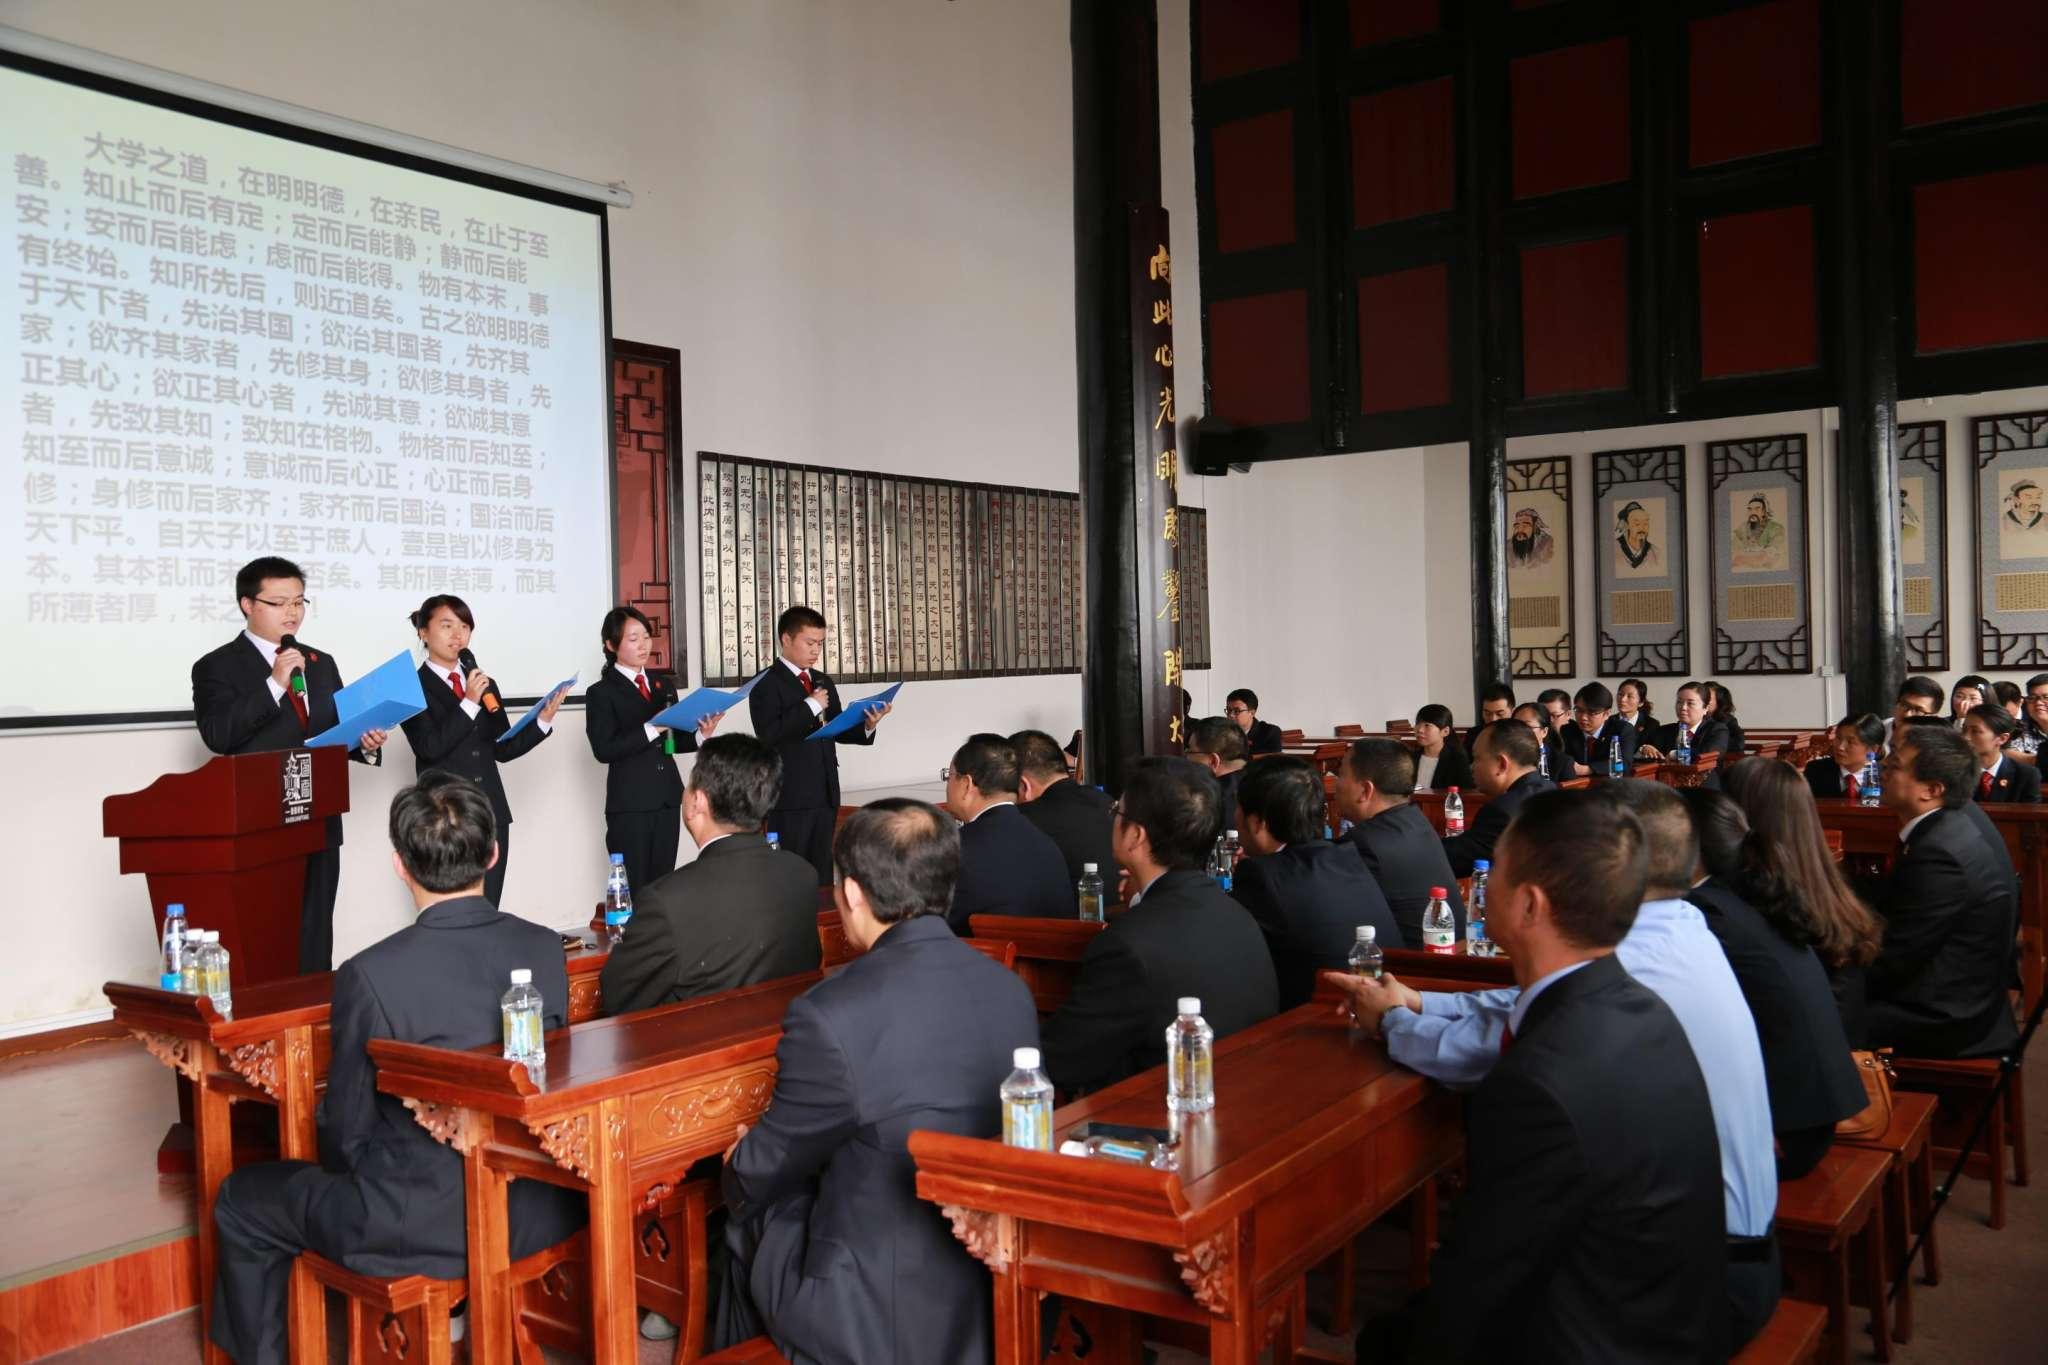 贵州省桐梓法院亮起了中国法治正义之剑,宣扬传承中国的法治廉政文化